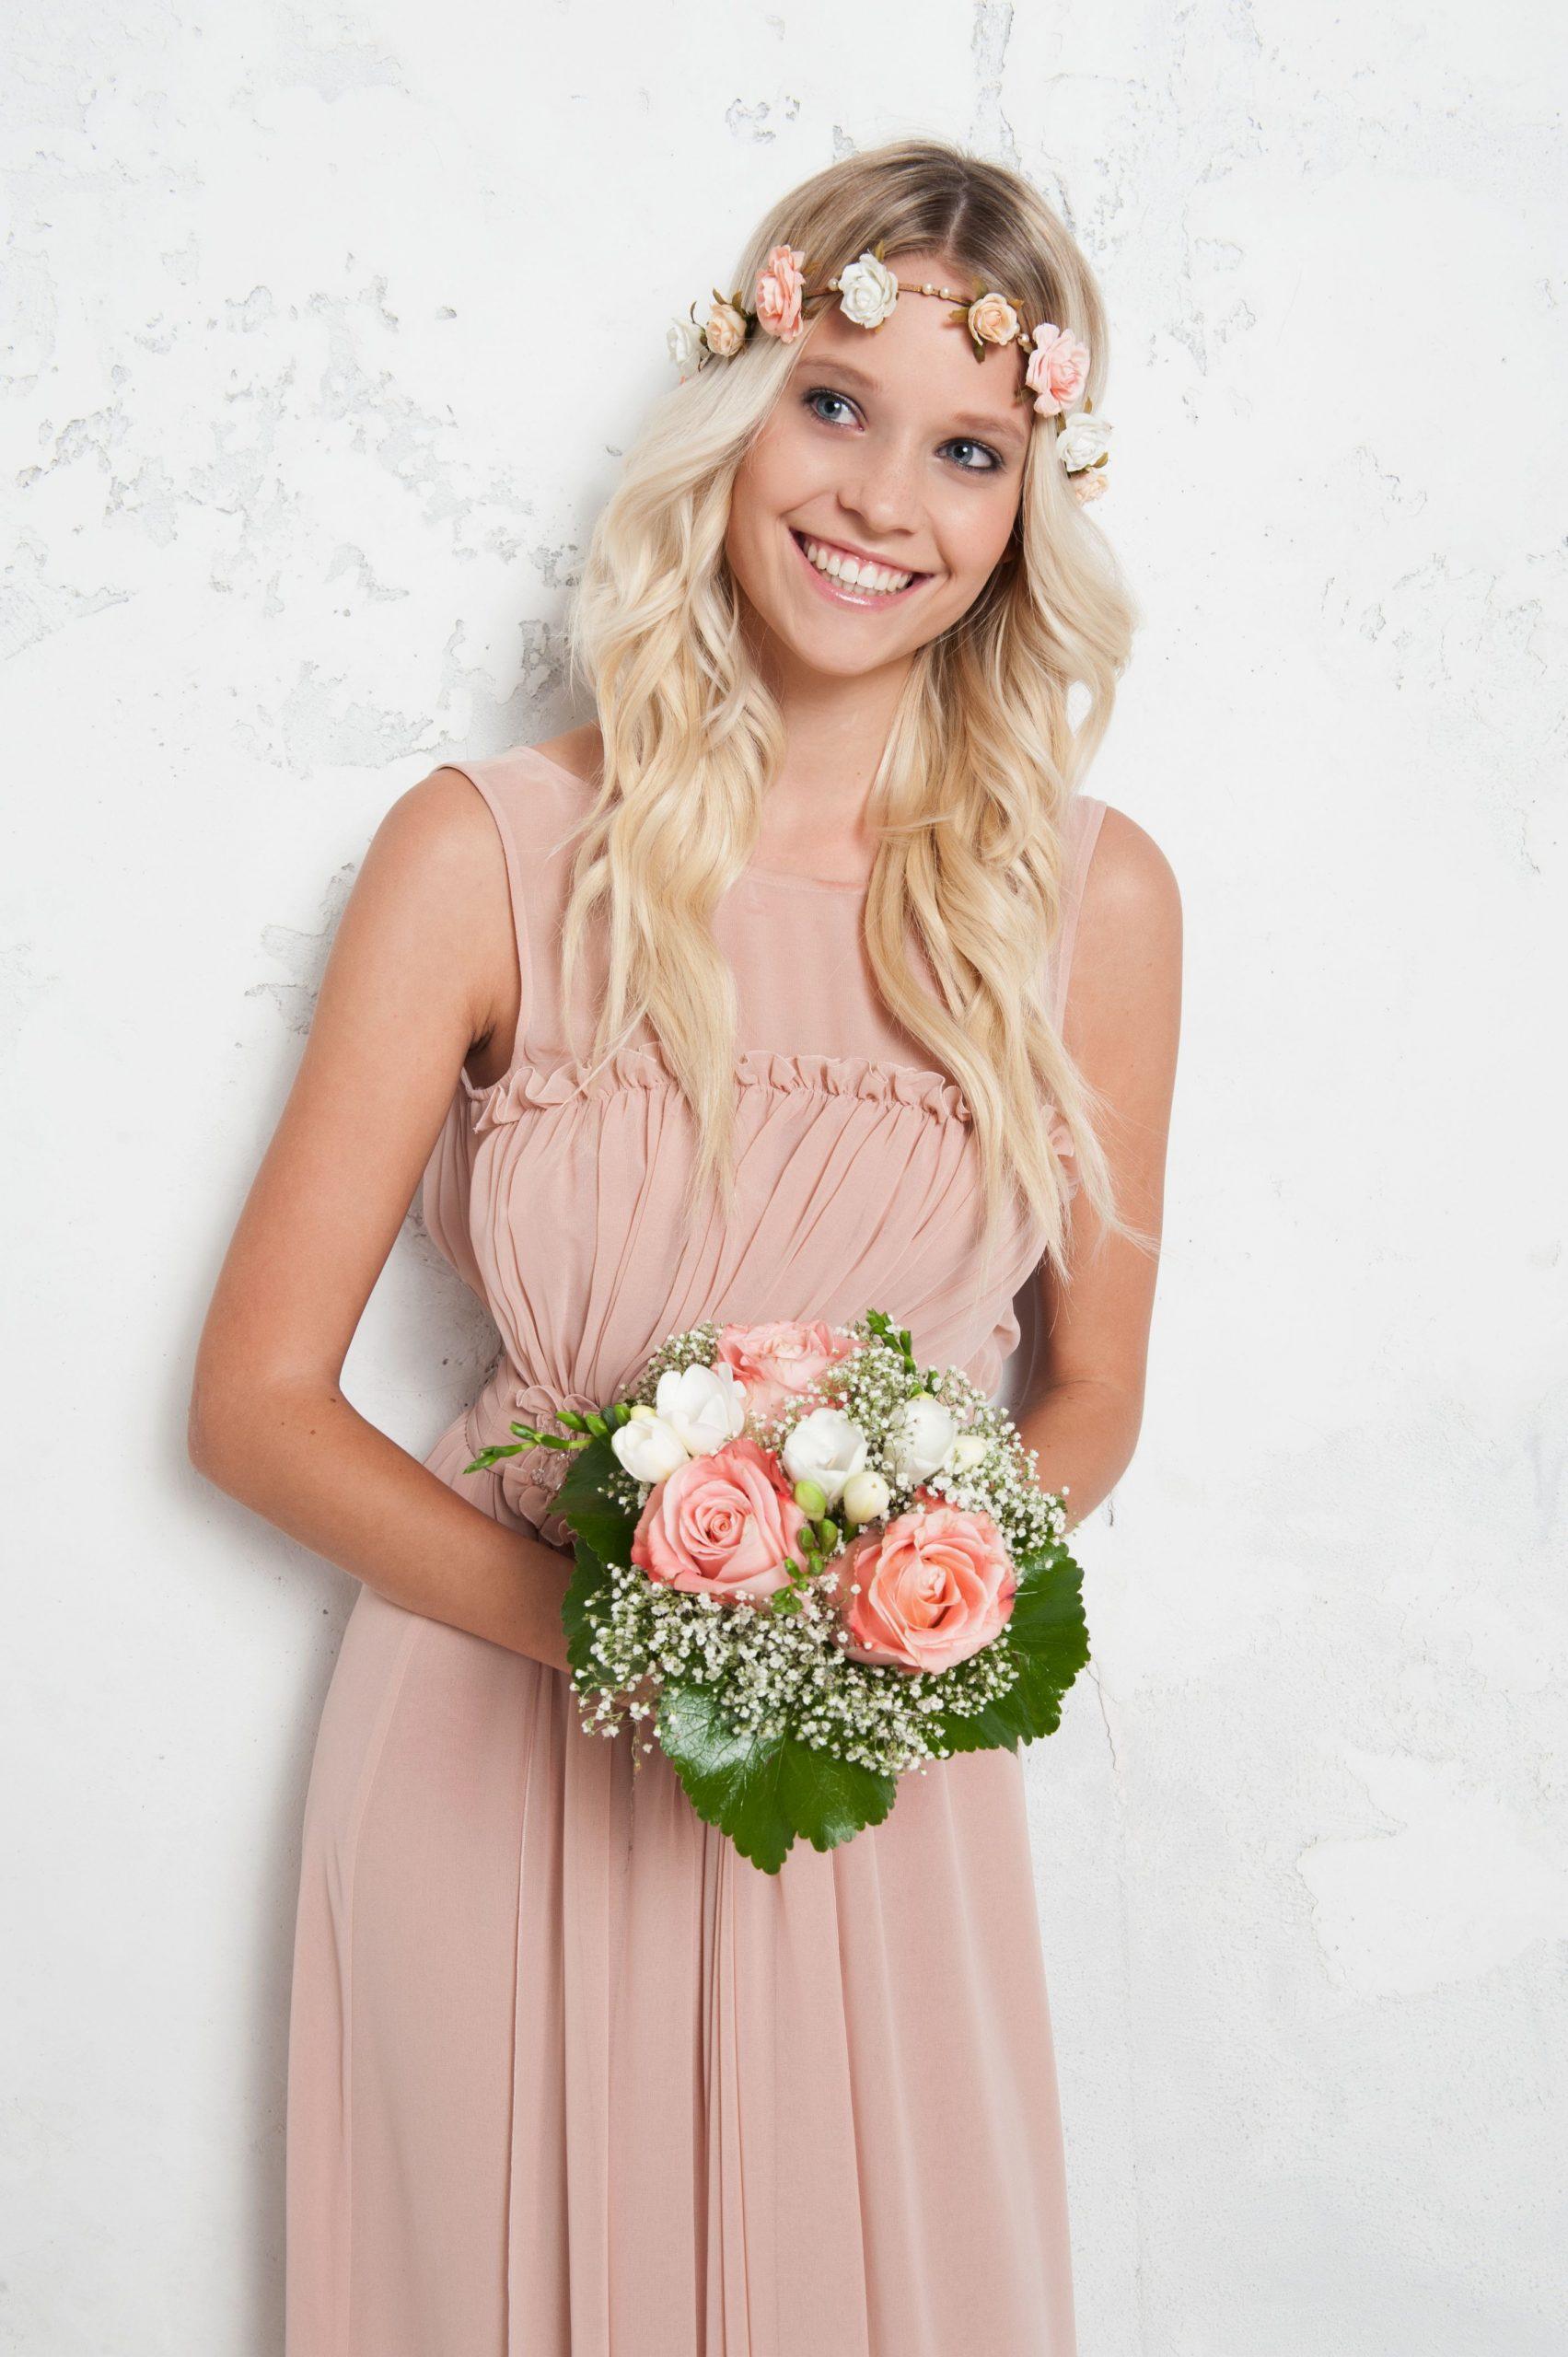 Designer Top Kleid Hochzeitsgast Sommer ÄrmelFormal Cool Kleid Hochzeitsgast Sommer Design